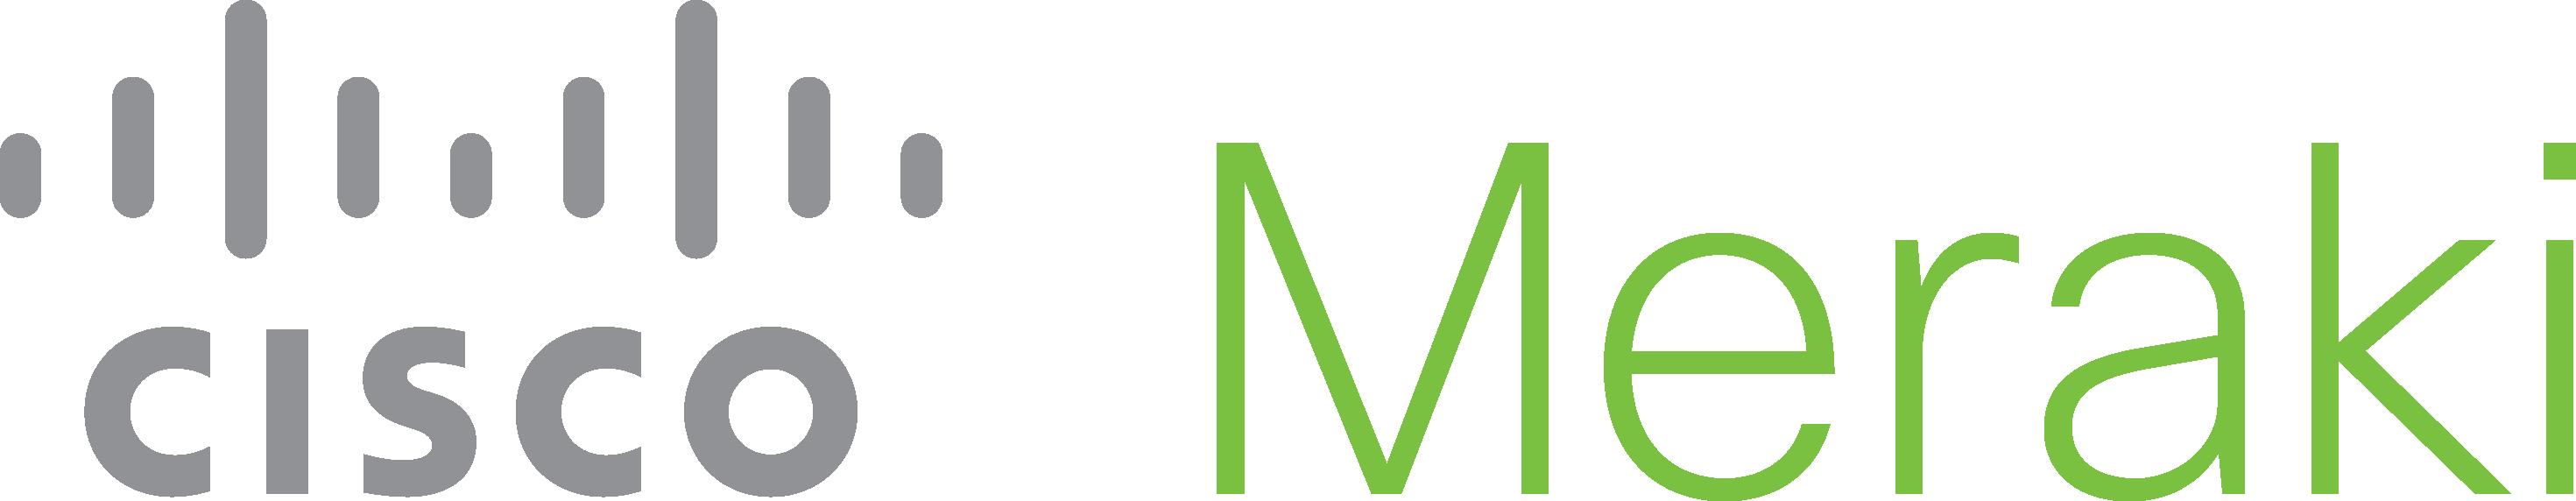 Cisco Png Logo.